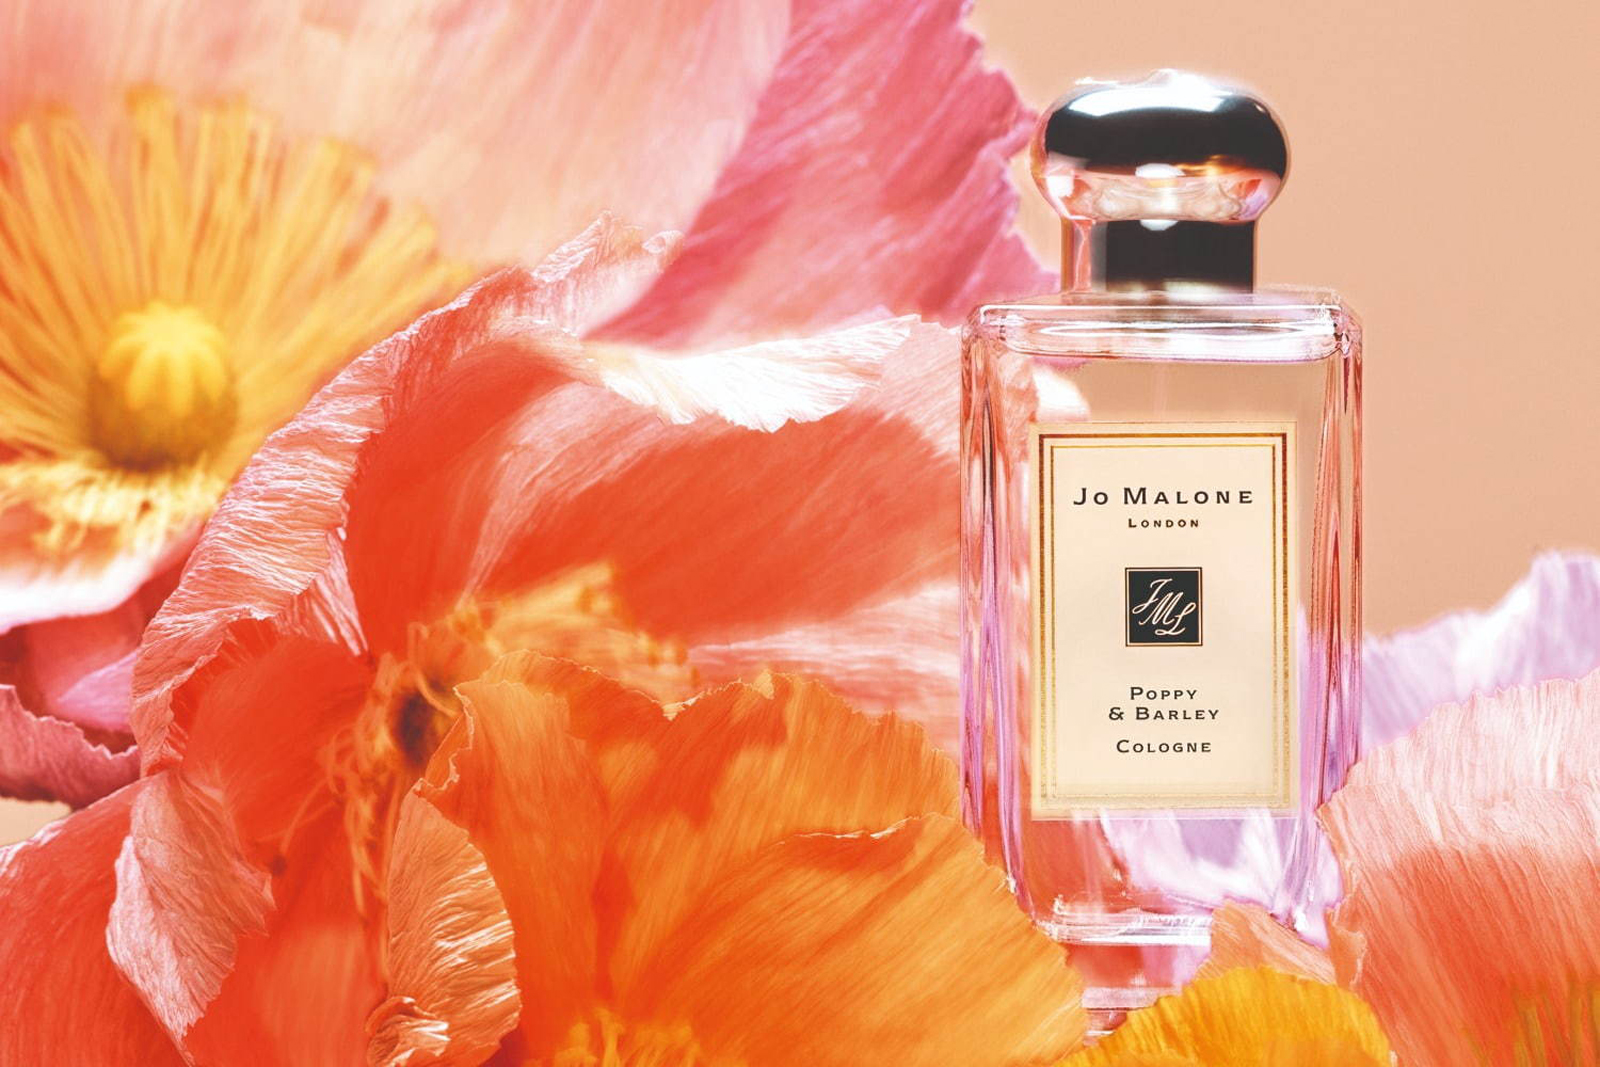 nước hoa mùa thu - thương hiệu Jo Malone Poppy & Barley Cologne - elle man